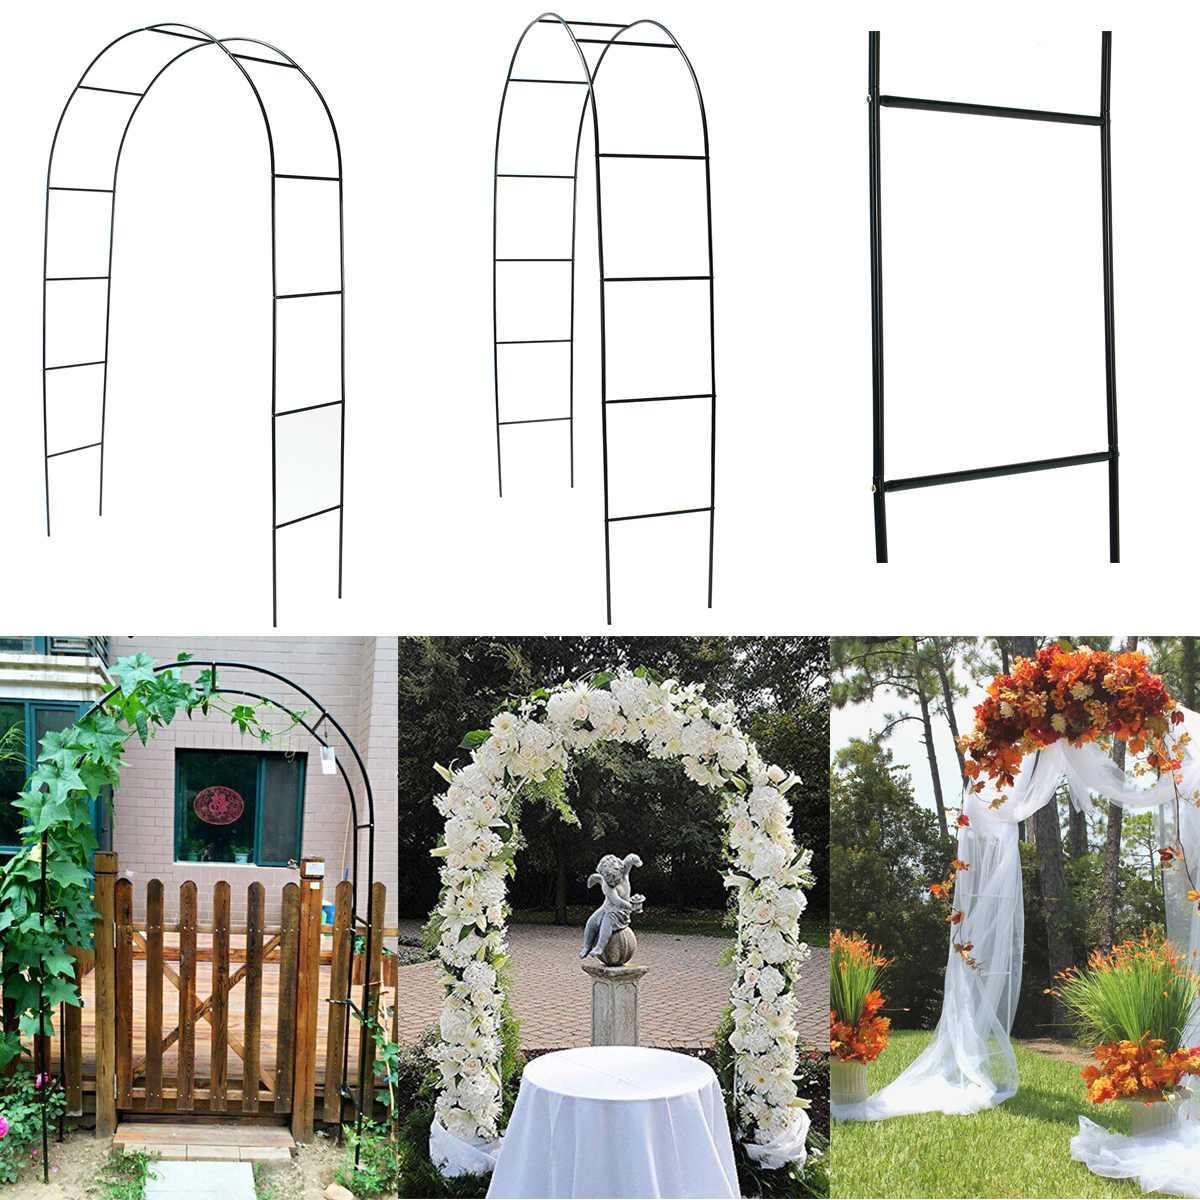 القوس الحديدي المزخرف ، العريشة ، إطار الزهور ، للزواج ، أعياد الميلاد ، حفلات الزفاف ، DIY